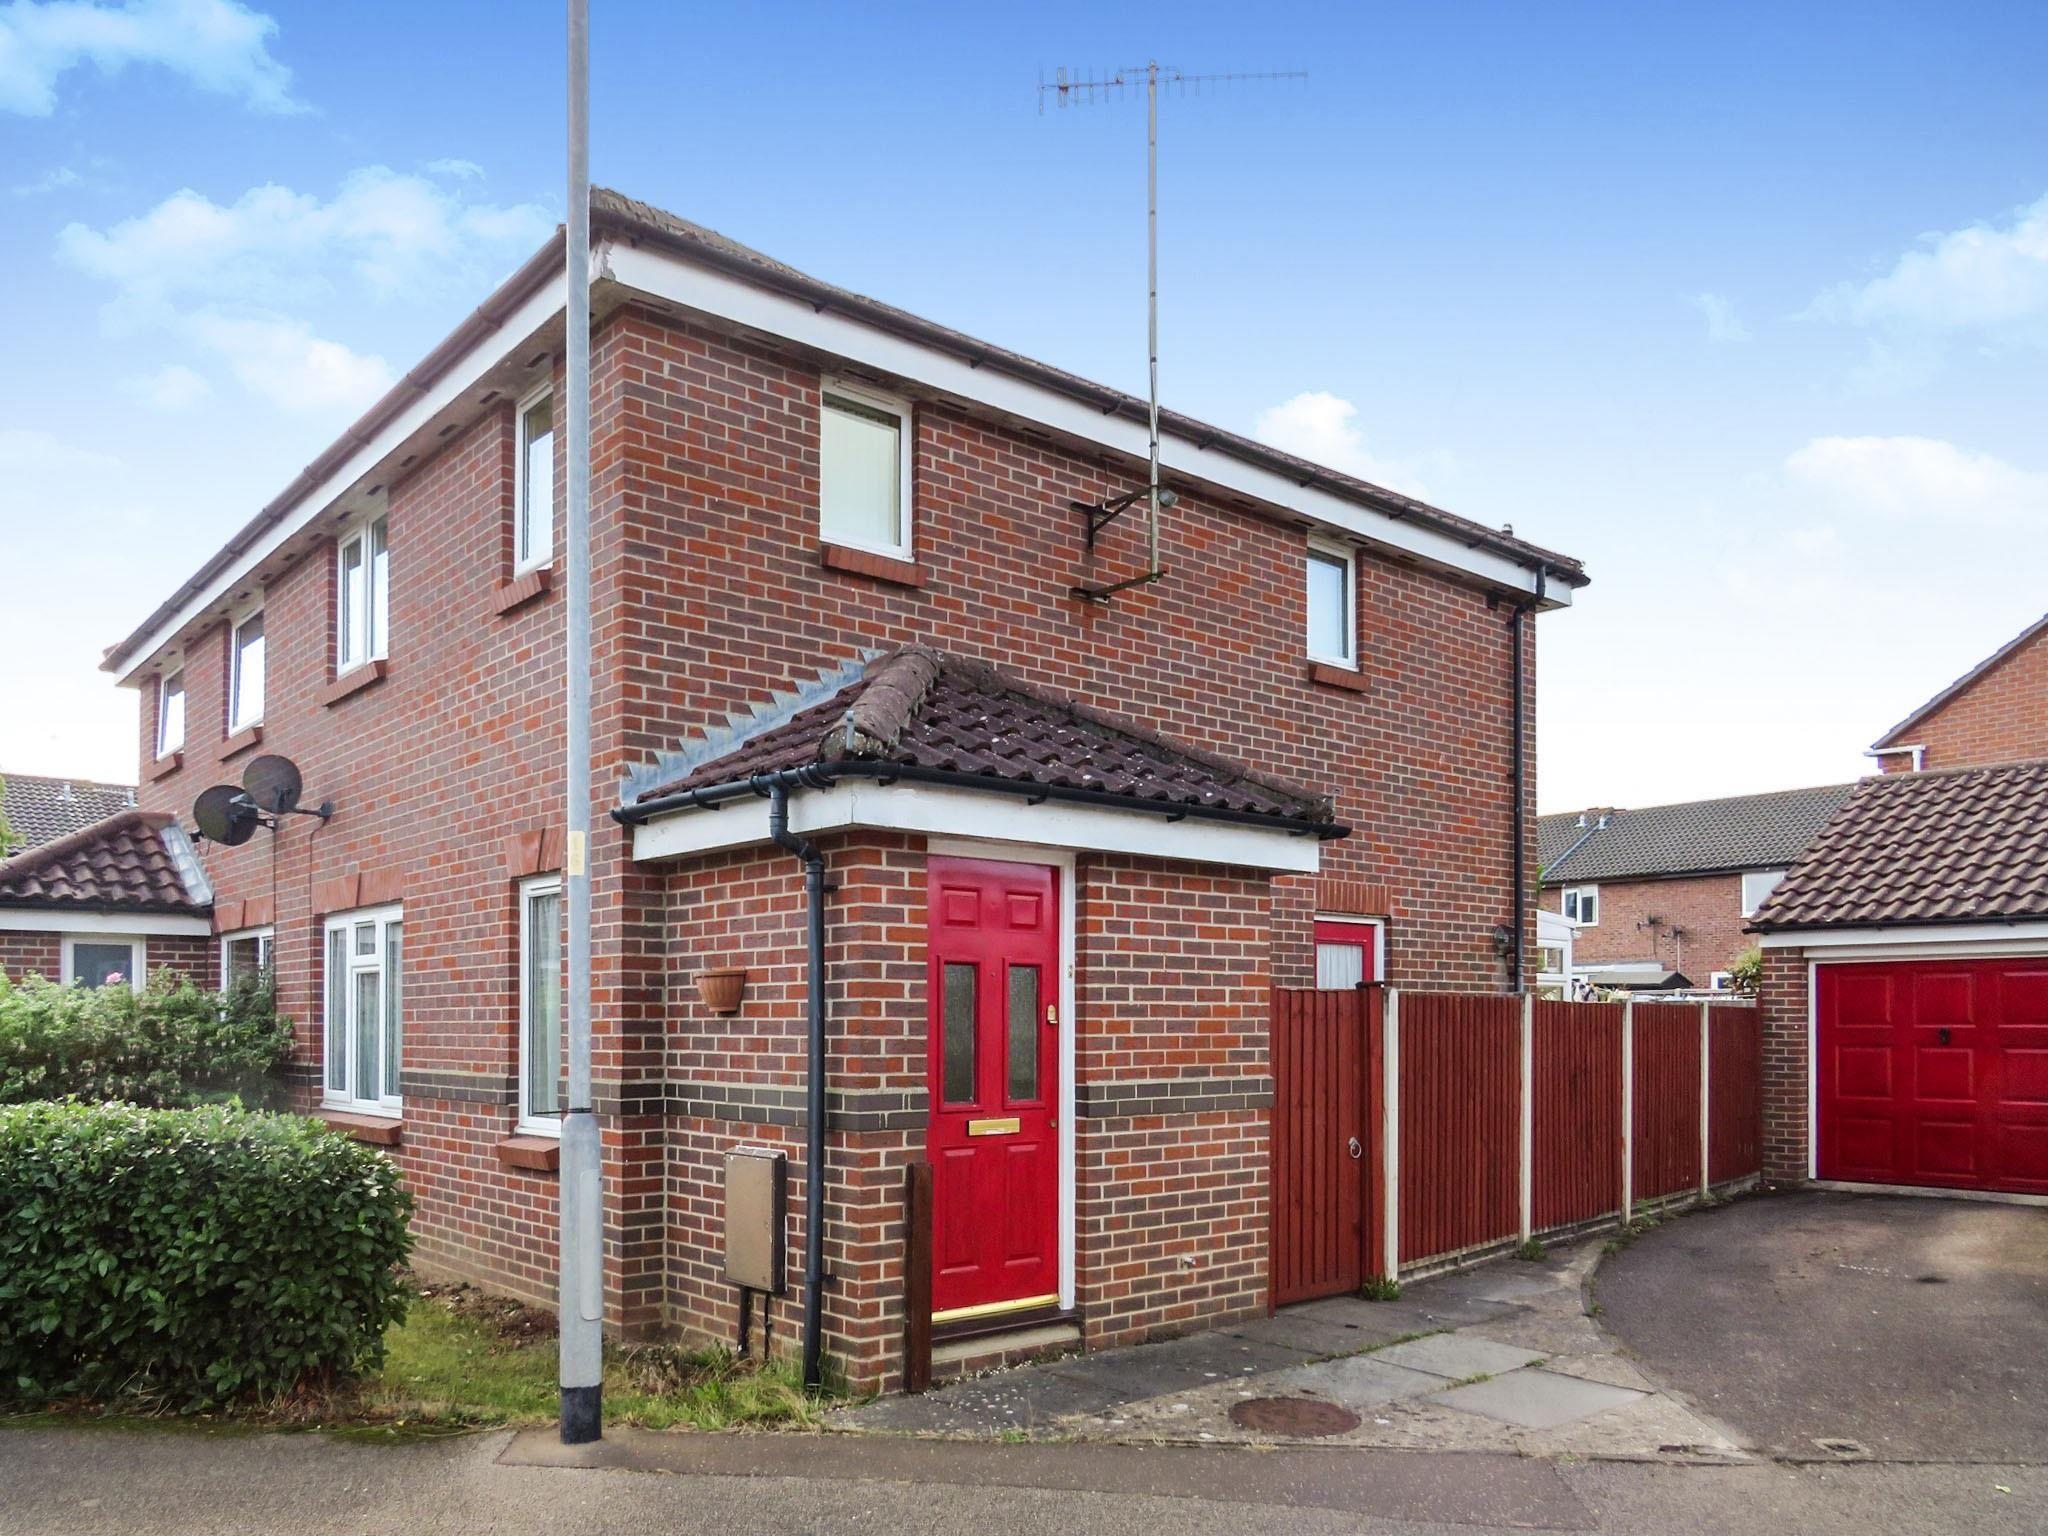 Property photo 1 of 19. Image